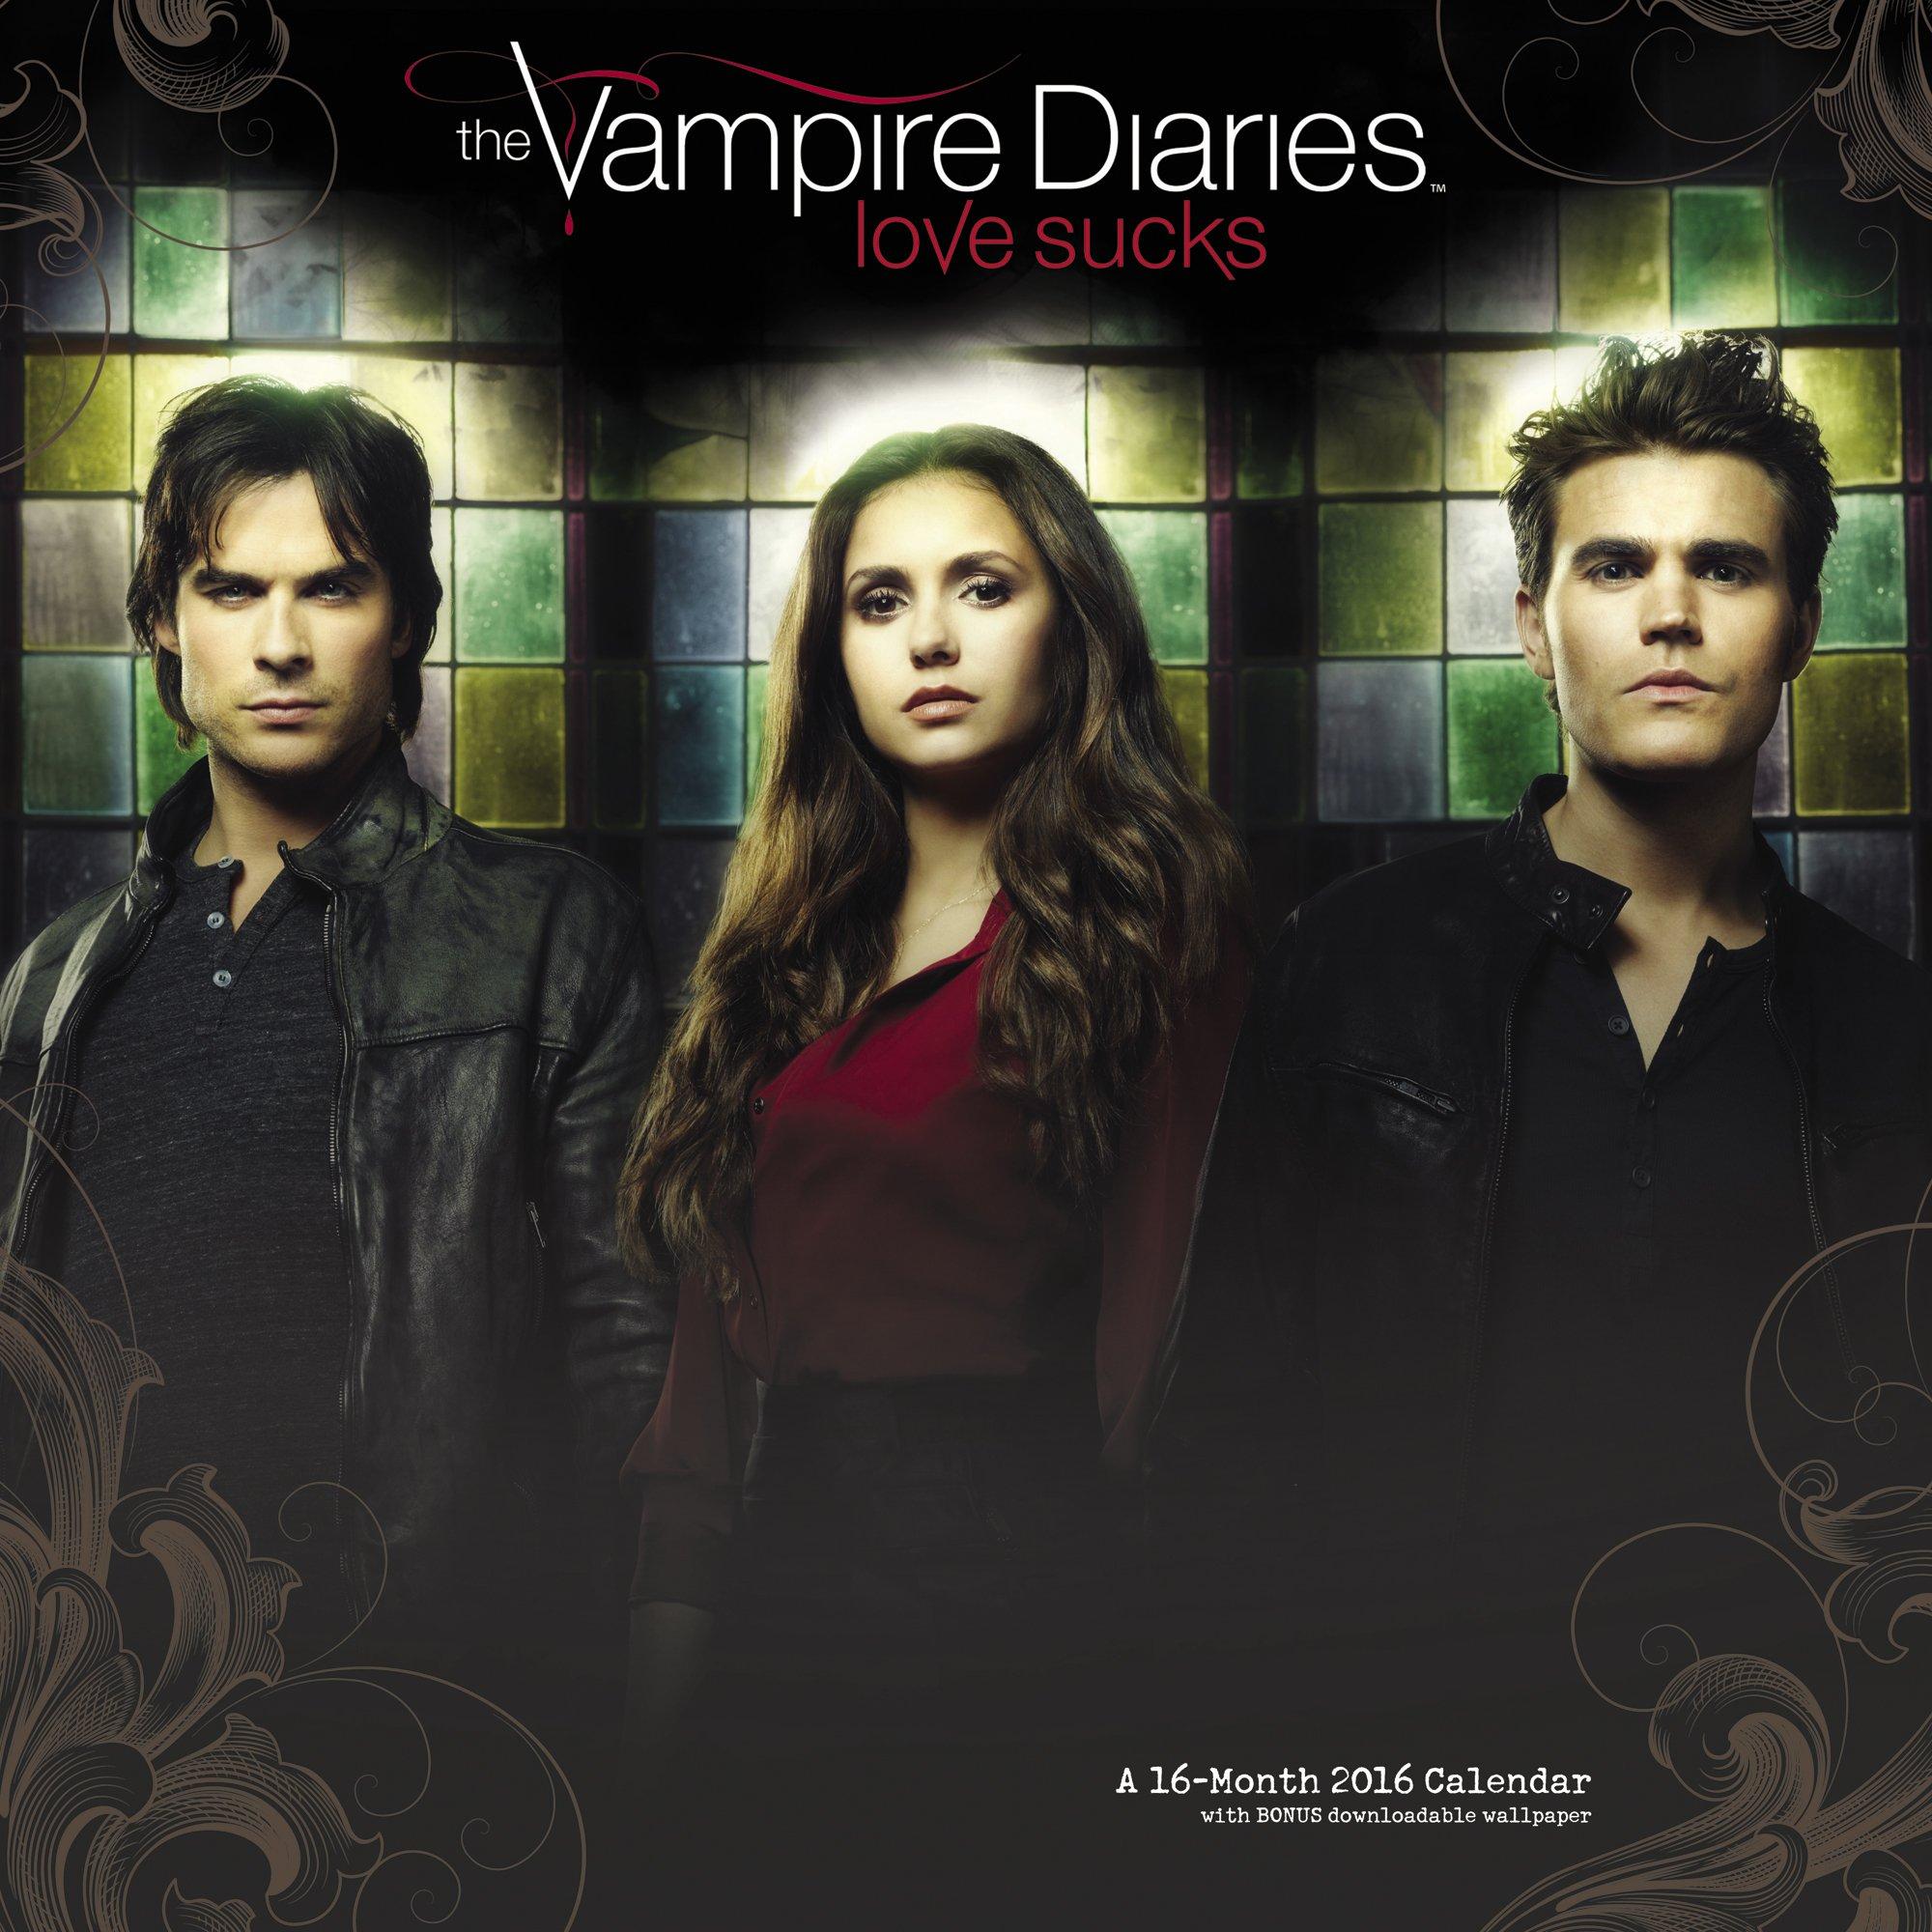 Vampire Diaries Iphone Wallpaper Vampire Diaries Soundtrack 6